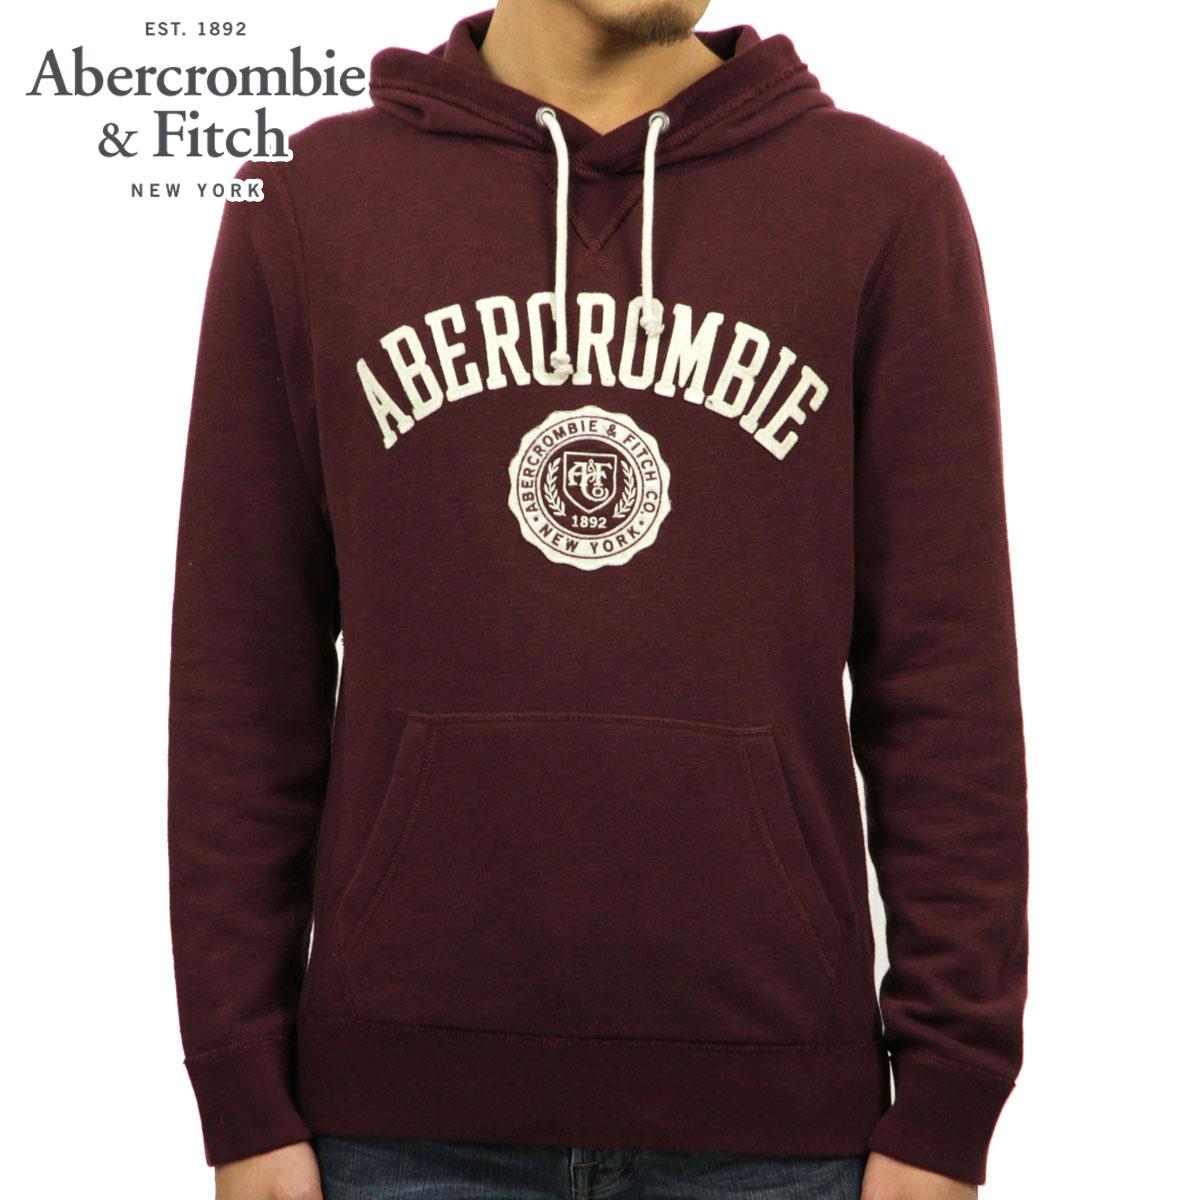 アバクロ Abercrombie&Fitch 正規品 メンズ ロゴ プルオーバーパーカー GRAPHIC LOGO HOODIE 122-243-0080-520